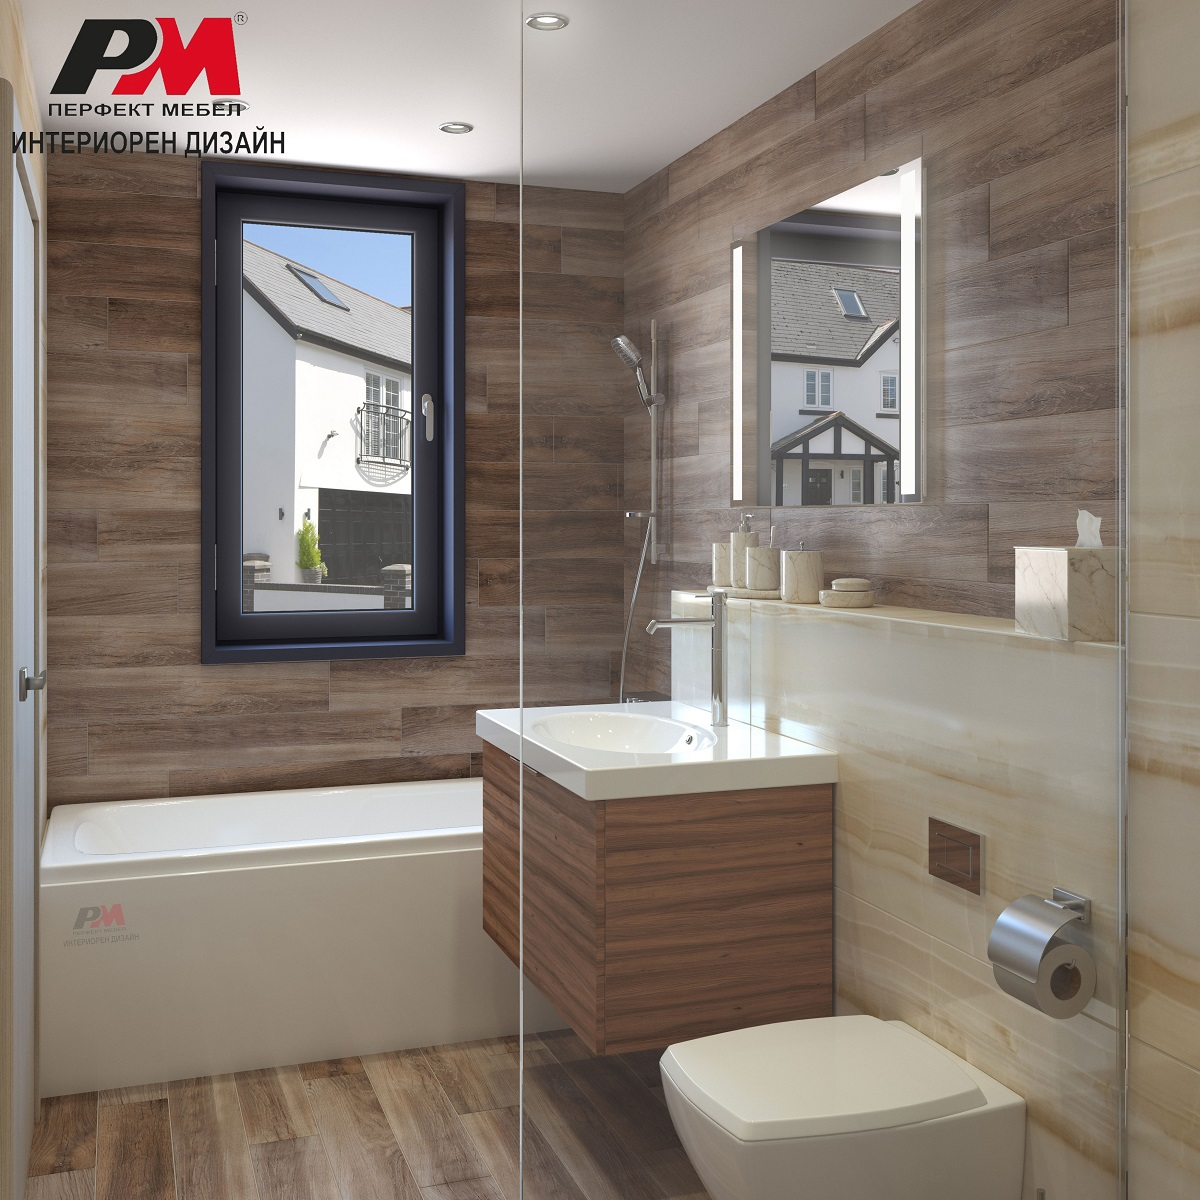 Изящен интериорен дизайн на баня в модерно обзавеждане